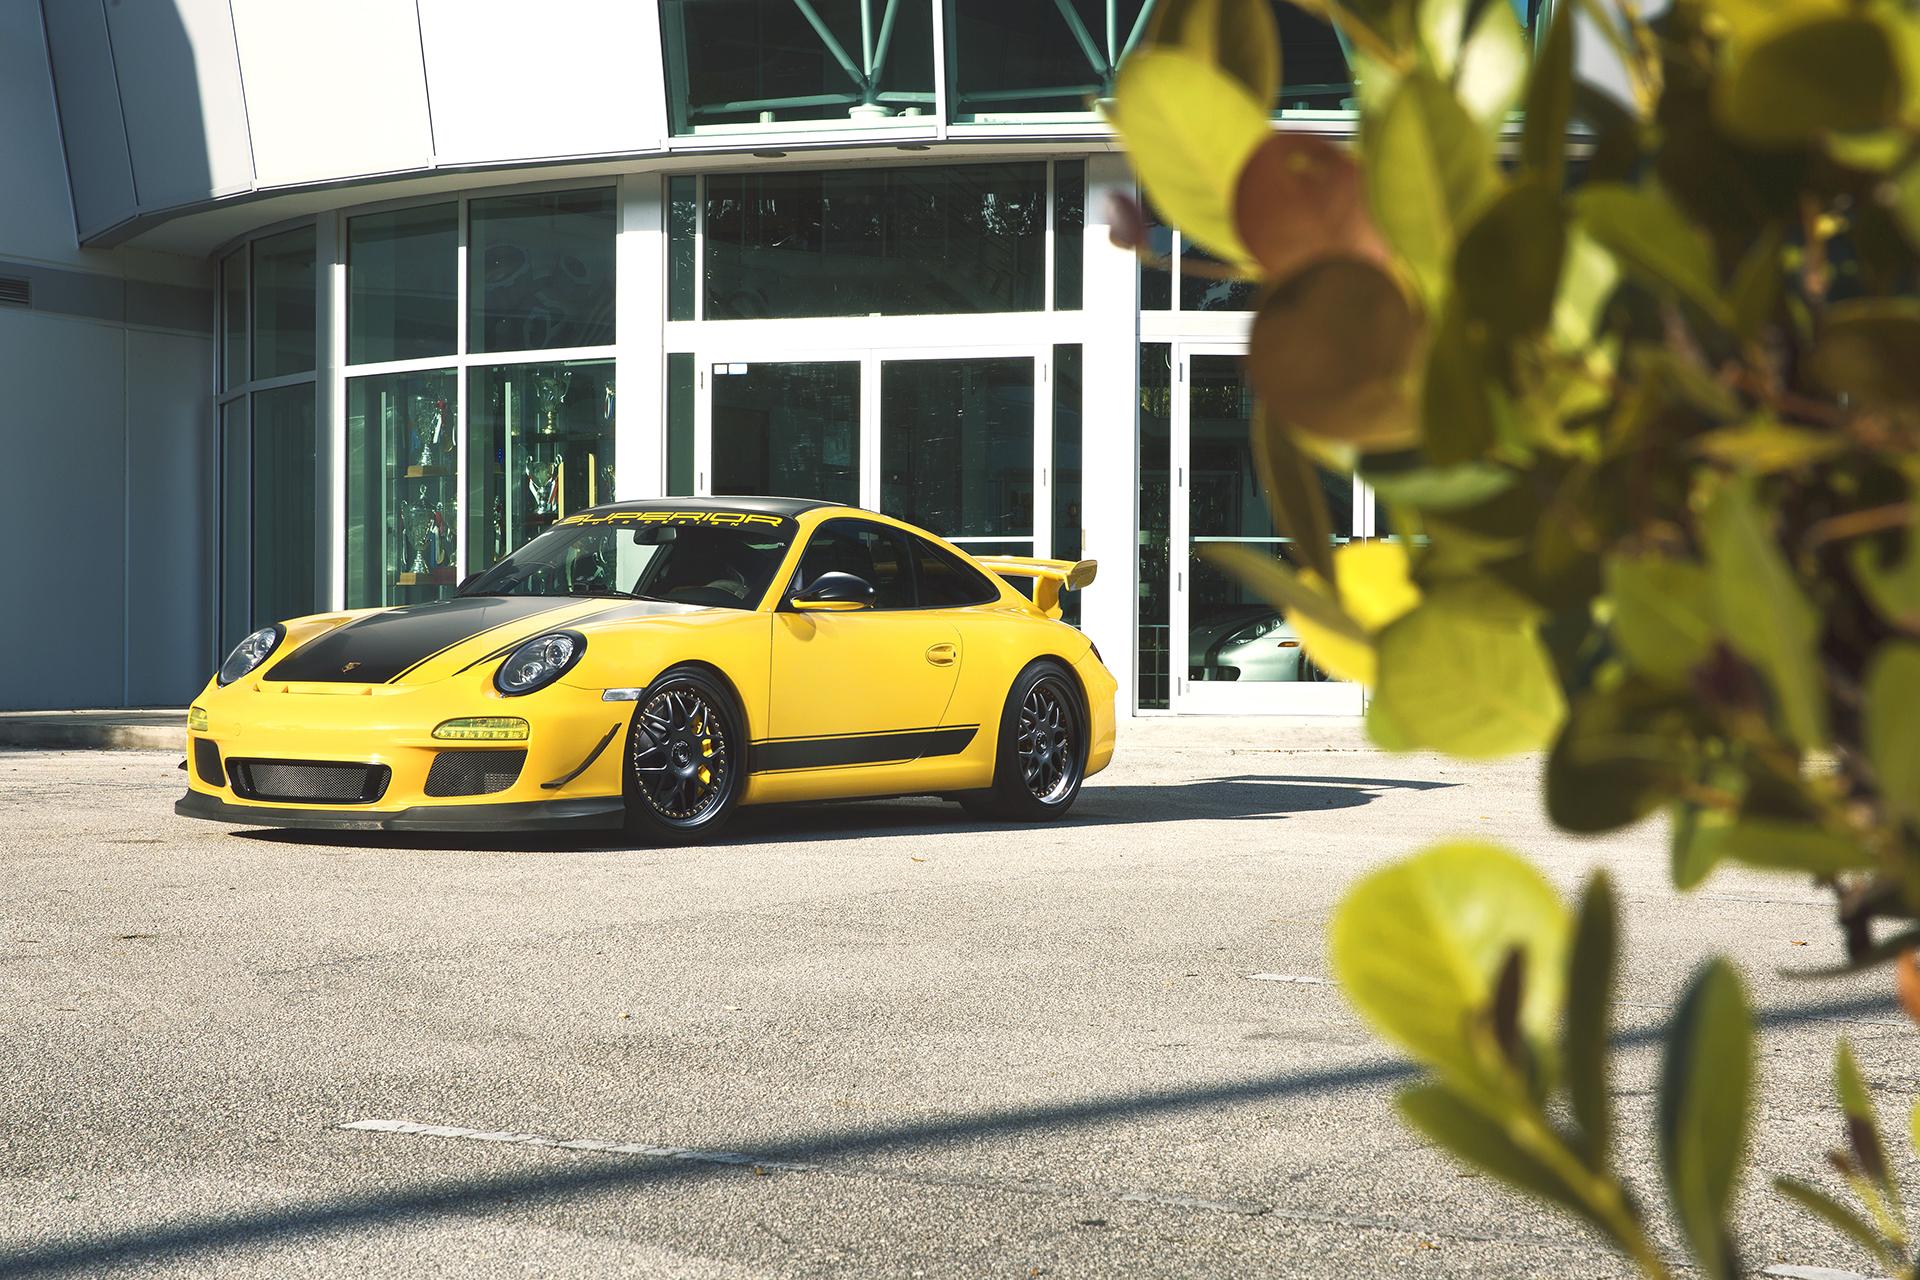 Yellow Porsche GT3